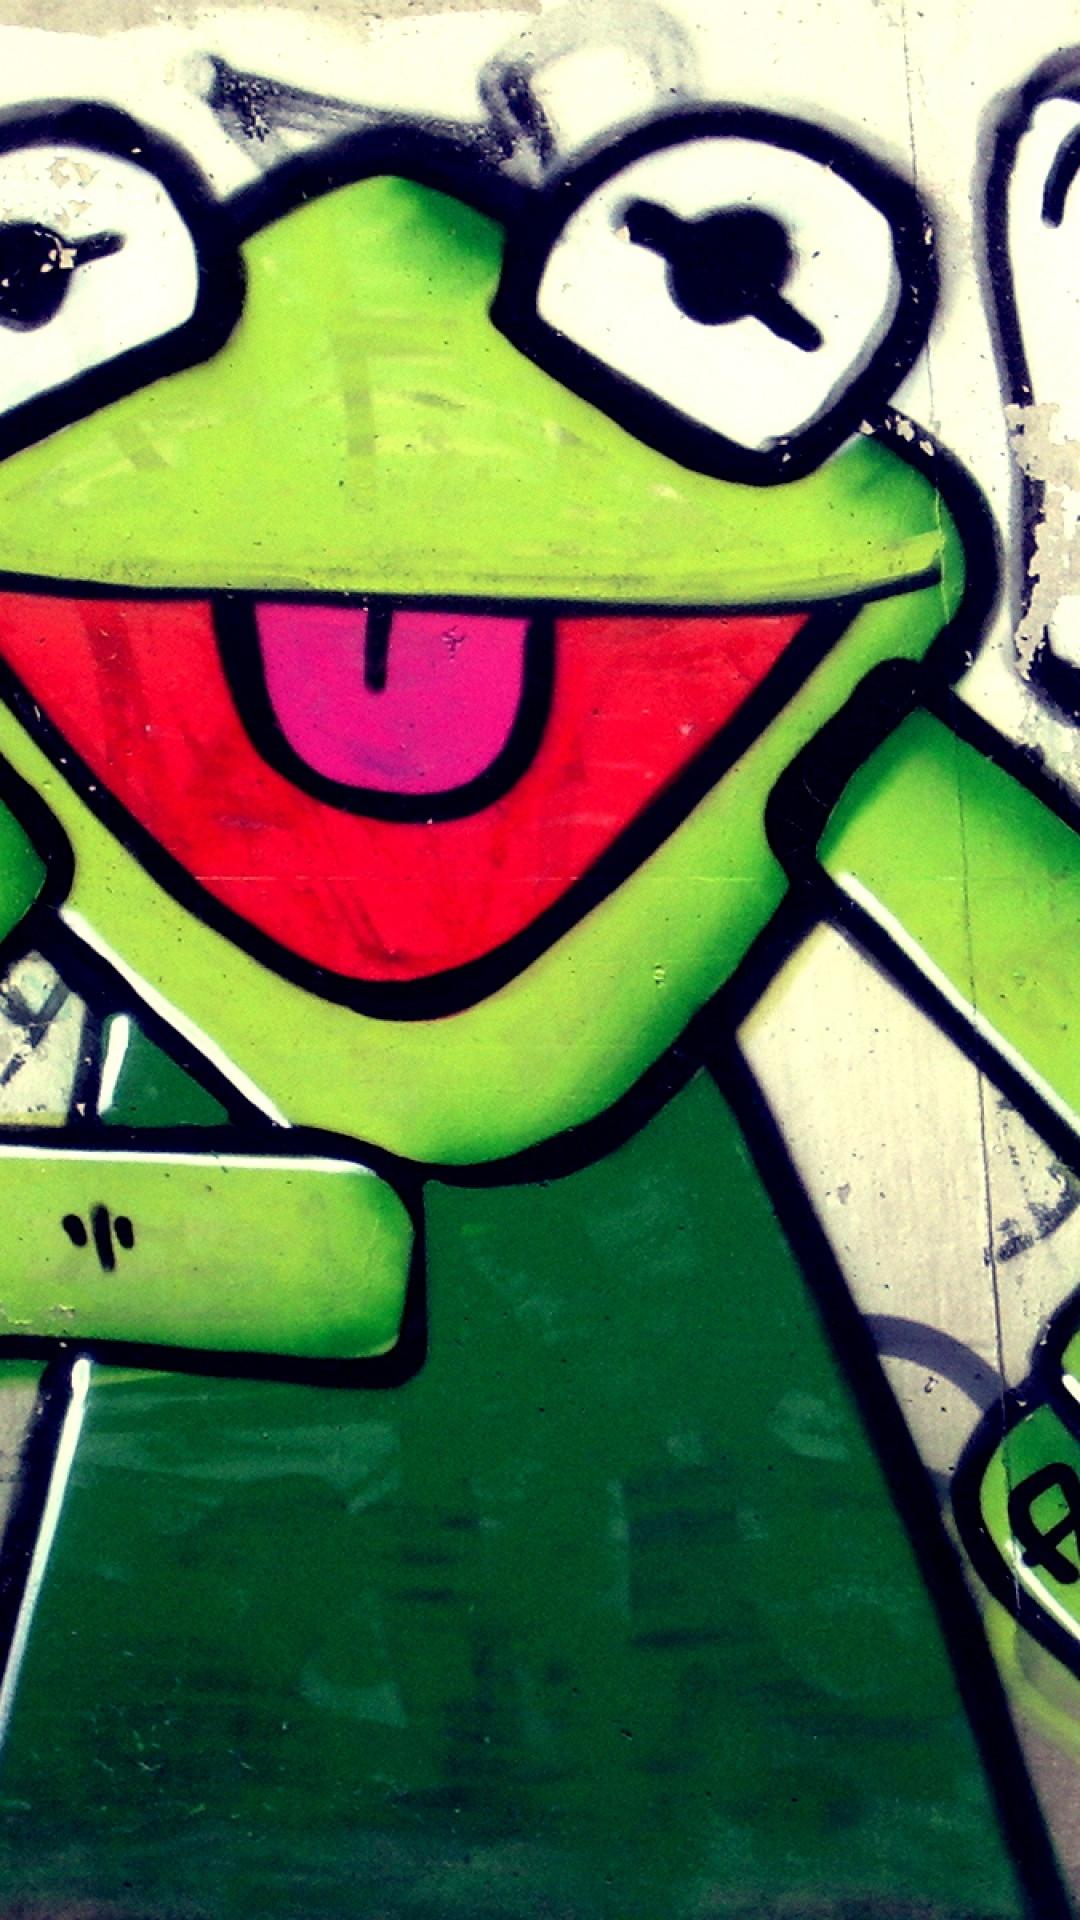 Nike Graffiti Wallpapers 65 Images